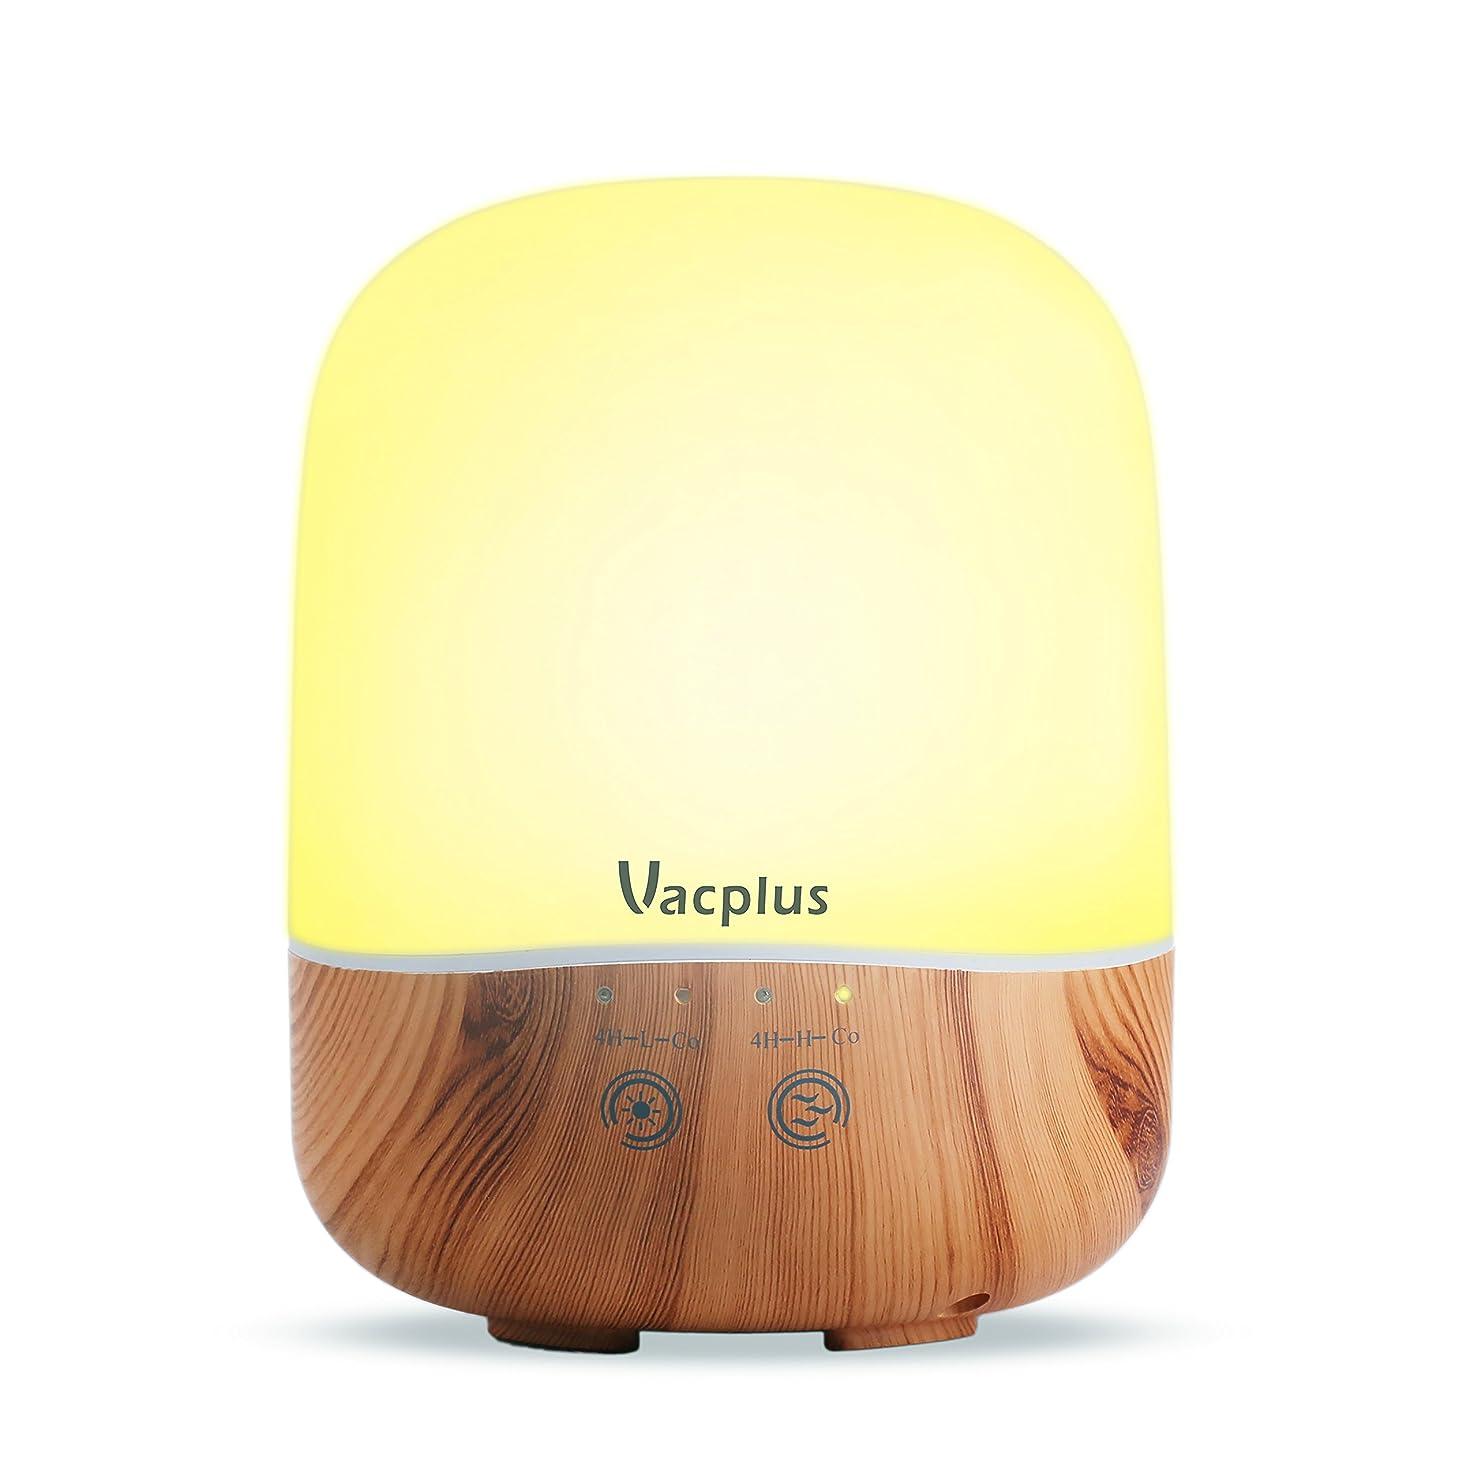 威信謝る満足させるVacplus アロマディフューザー 加湿器 300ml大容量 超音波式 卓上加湿器 七色変換LEDライト 空焚き防止機能(木目調)